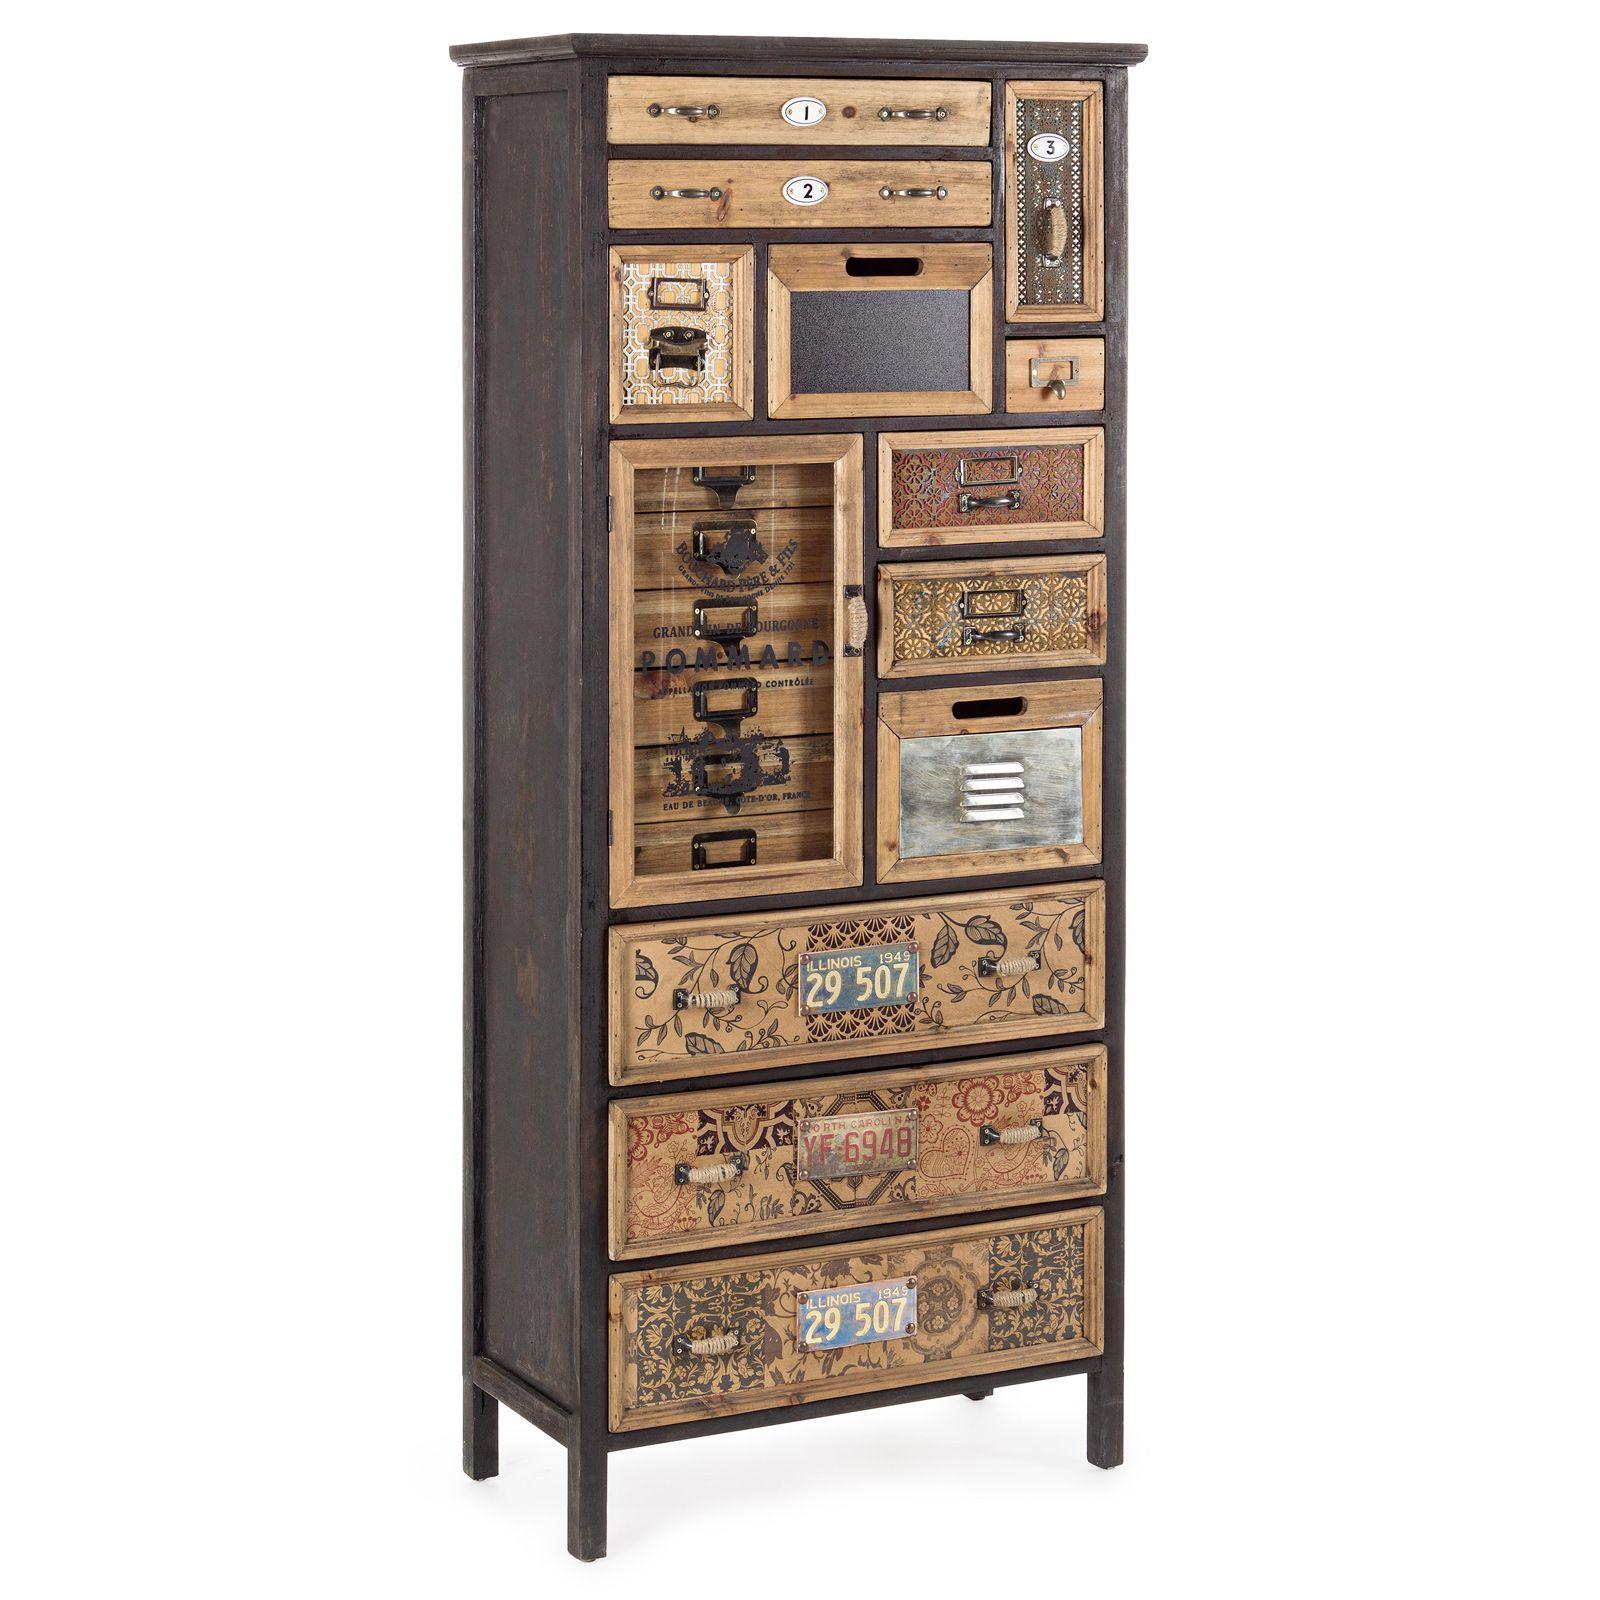 Cassettiera arredo industriale 1 anta 12 cassetti in legno